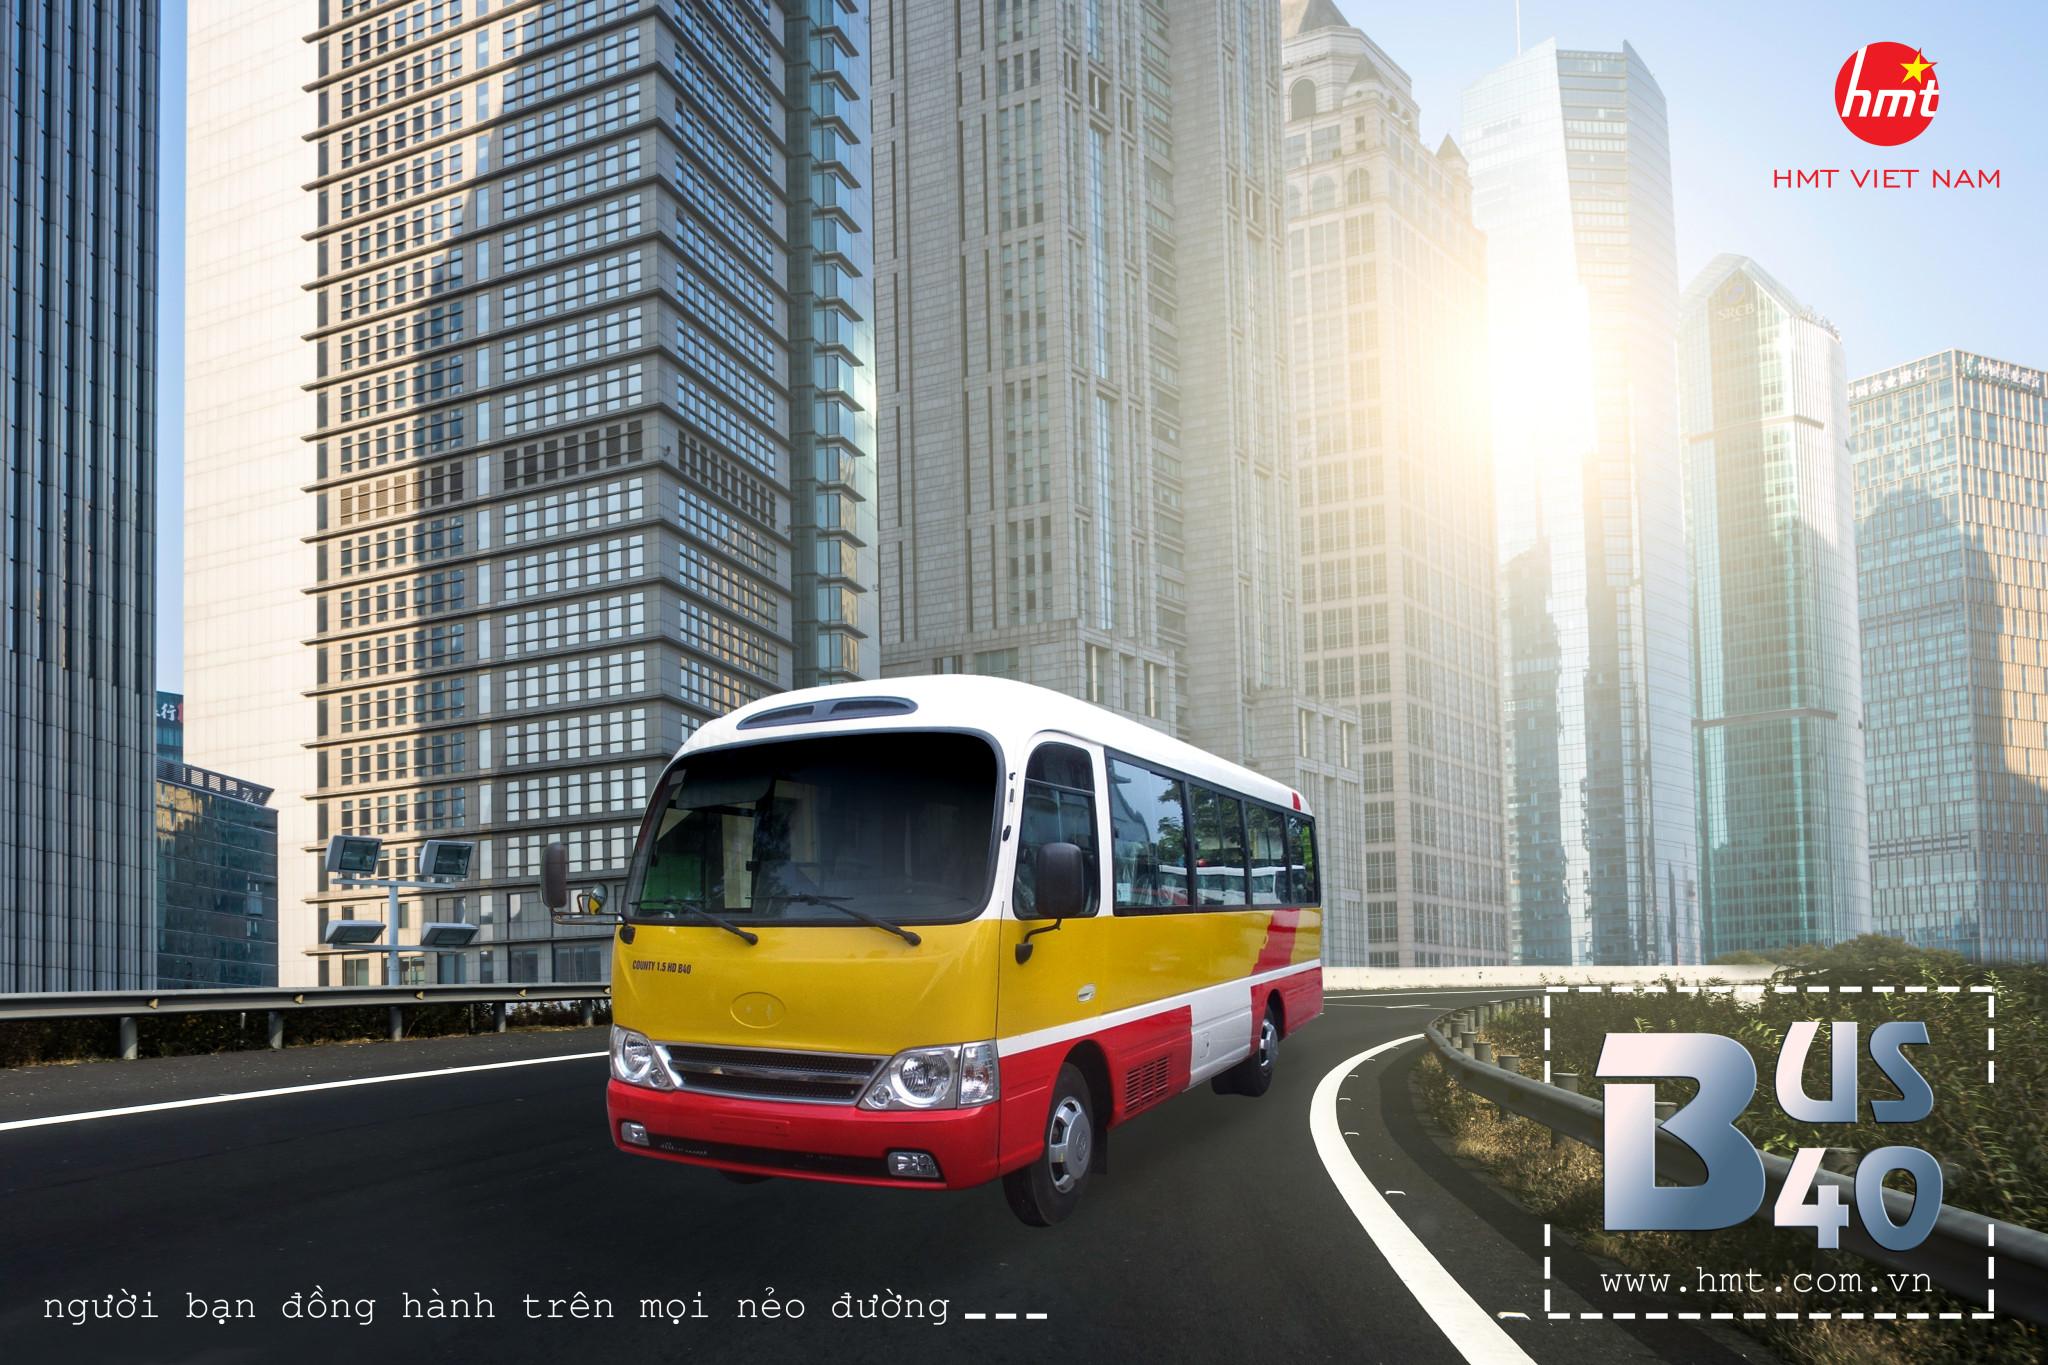 hmt-xe-bus-b40-15-9